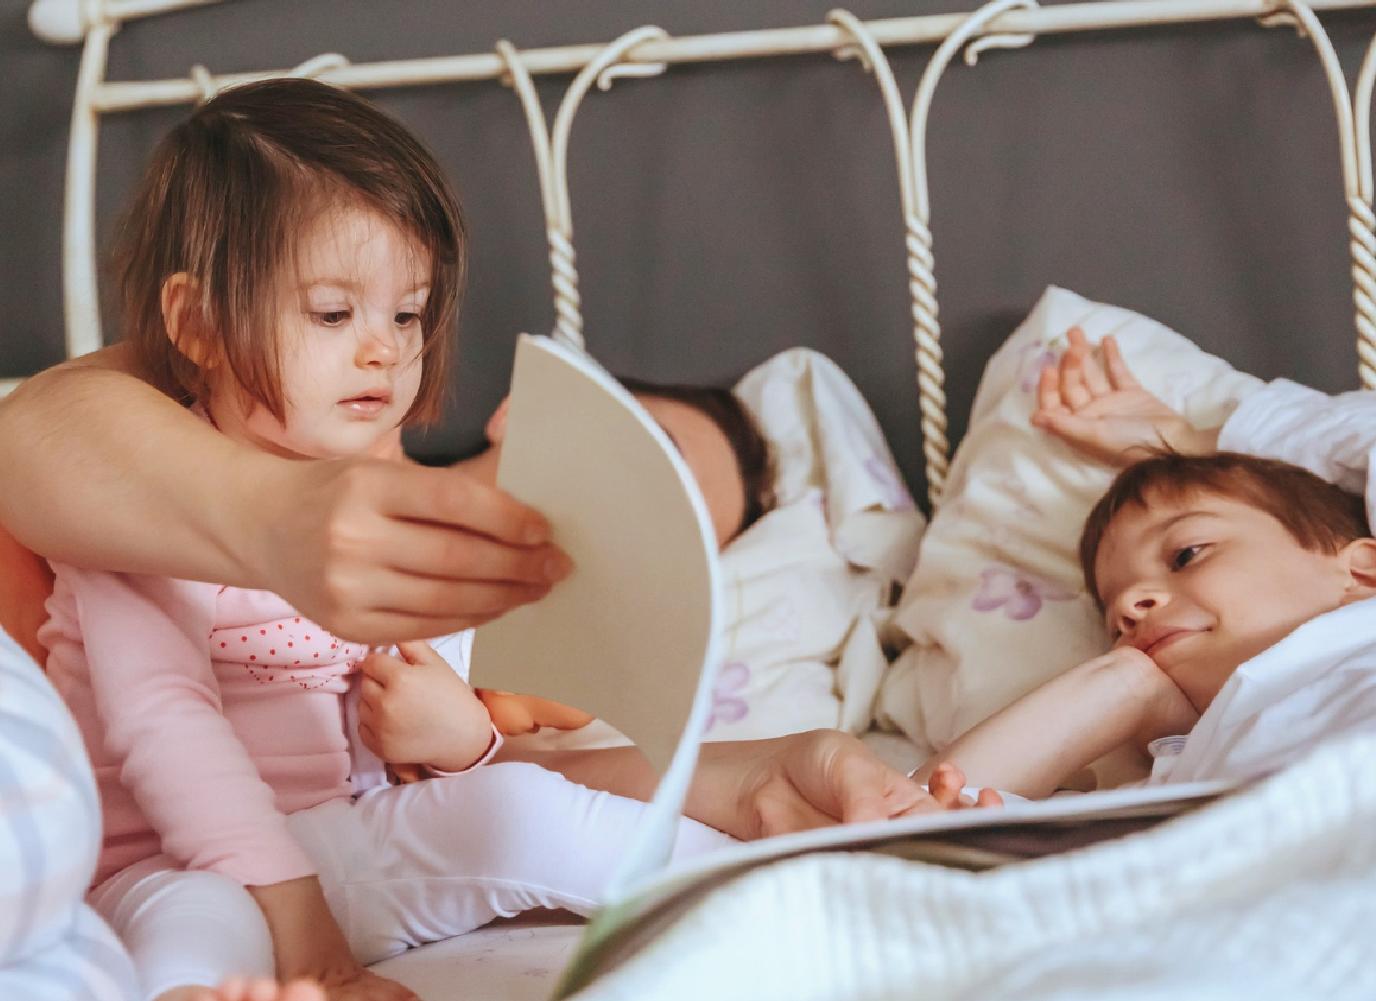 5 phút kể chuyện cho bé mỗi ngày để giúp bé thông minh hơn